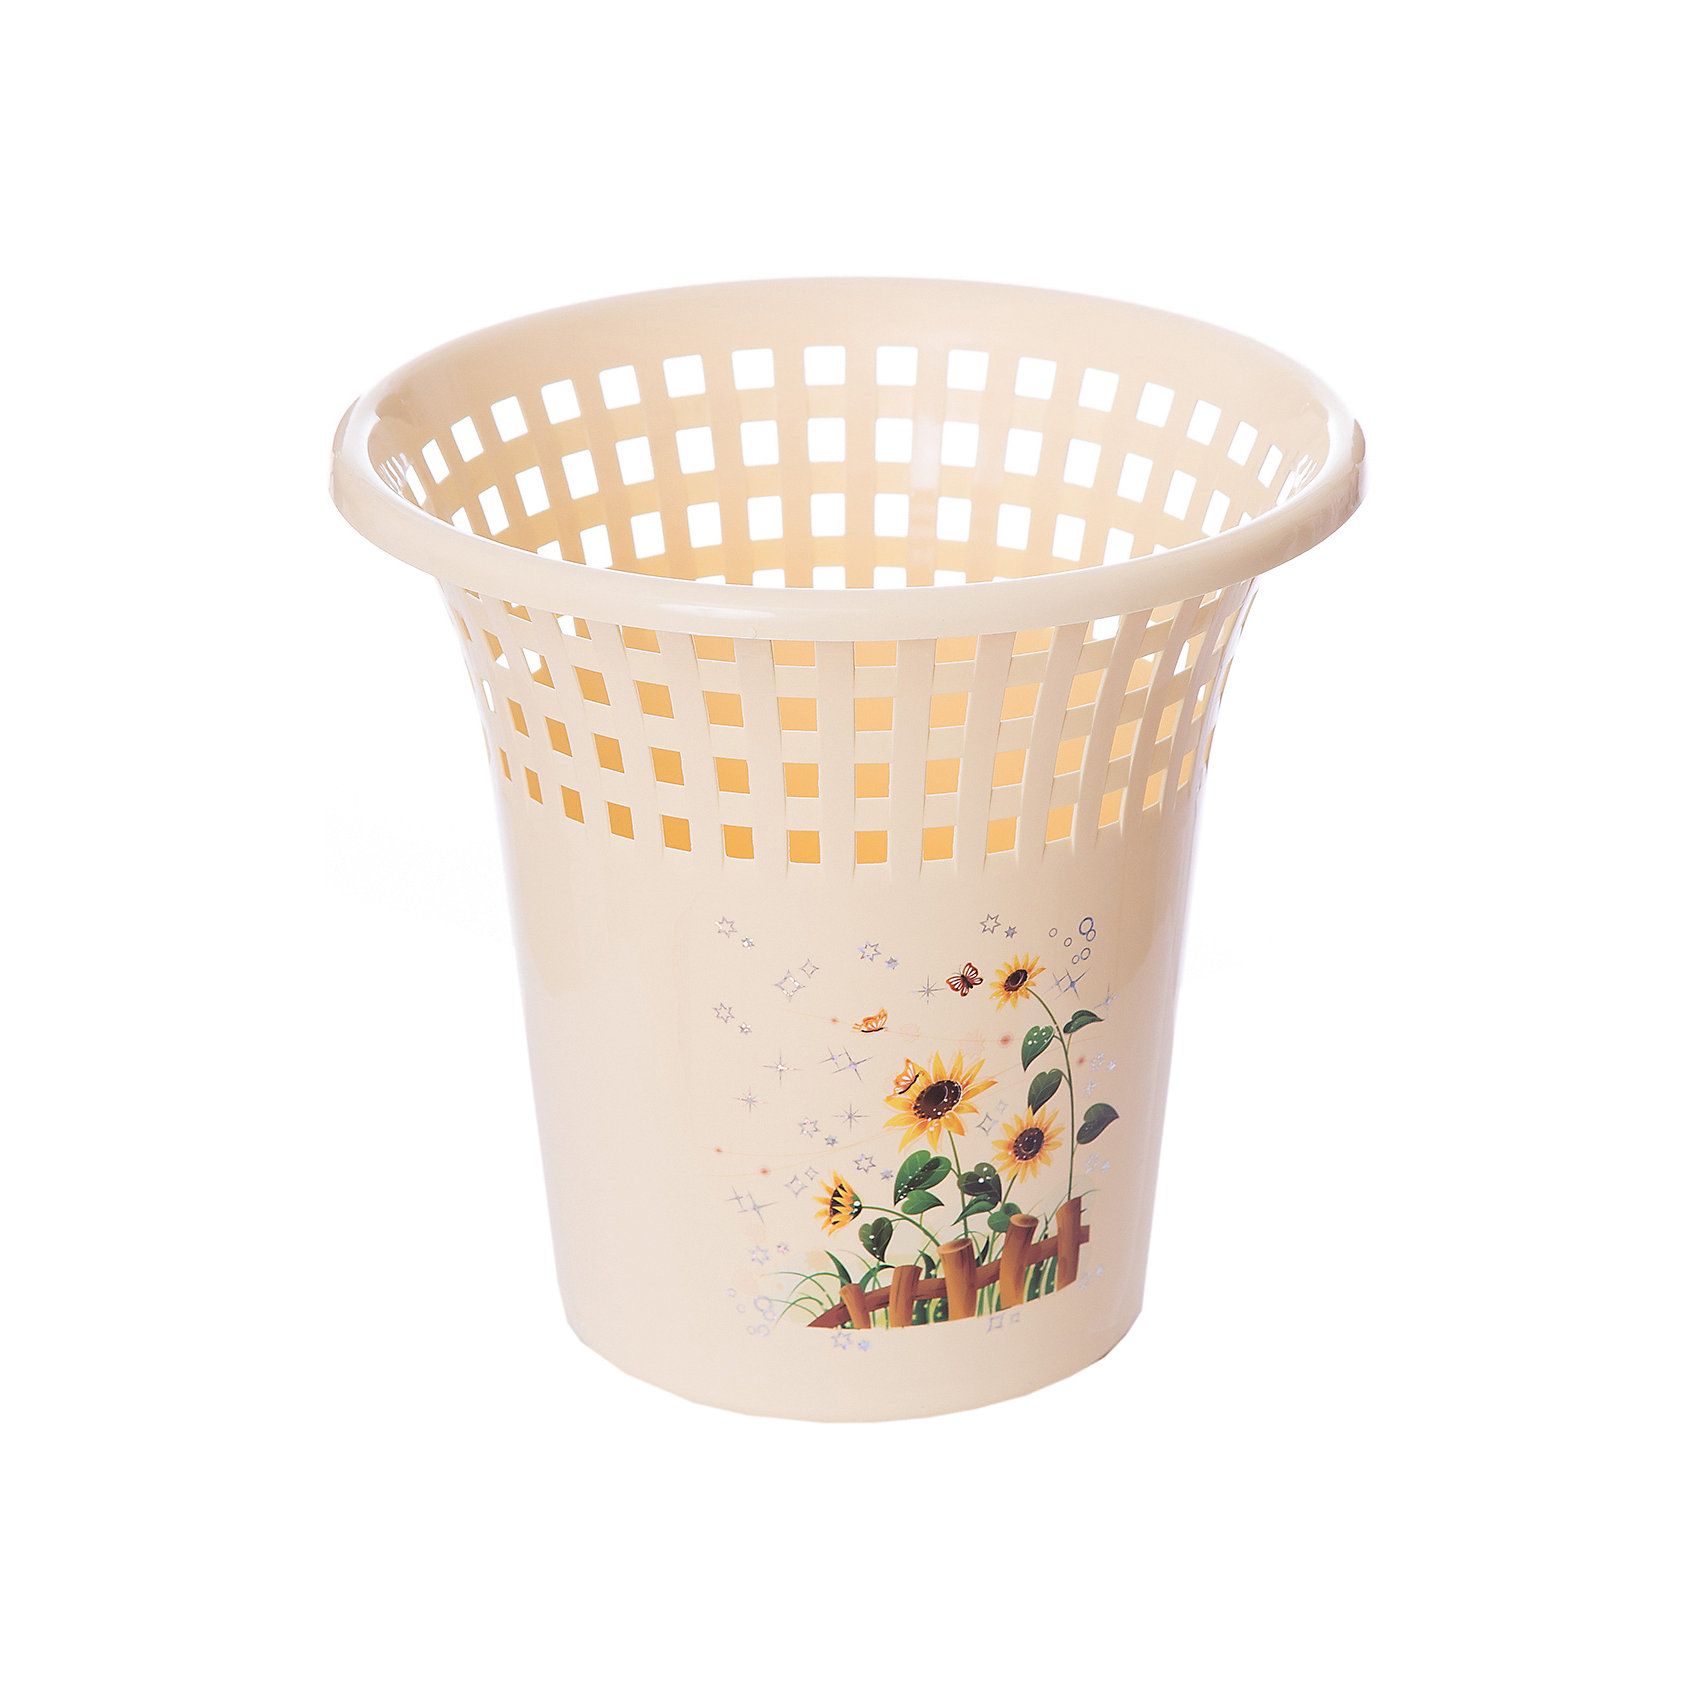 Корзина для бумаг, Alternativa, светло-жёлтыйПорядок в детской<br>Характеристики:<br><br>• Предназначение: для бумаг<br>• Материал: пластик<br>• Цвет: светло желтый<br>• Размер (Д*Ш*В): 26*26*24,5 см<br>• Форма: круглая<br>• Особенности ухода: разрешается мыть теплой водой<br><br>Корзина для бумаг, Alternativa, св.жёлтый изготовлена отечественным производителем ООО ЗПИ Альтернатива, который специализируется на выпуске широкого спектра изделий из пластика. Корзина выполнена из экологически безопасного пластика, имеет круглую форму, расширенную кверху, оформлена цветочным декором. Изделие достаточно легкое в уходе. Корзина для бумаг, Alternativa, светло-жёлтый позволит поддерживать порядок дома без особого труда.<br><br>Корзину для бумаг, Alternativa, светло-жёлтую можно купить в нашем интернет-магазине.<br><br>Ширина мм: 260<br>Глубина мм: 260<br>Высота мм: 245<br>Вес г: 177<br>Возраст от месяцев: 6<br>Возраст до месяцев: 588<br>Пол: Женский<br>Возраст: Детский<br>SKU: 5096619